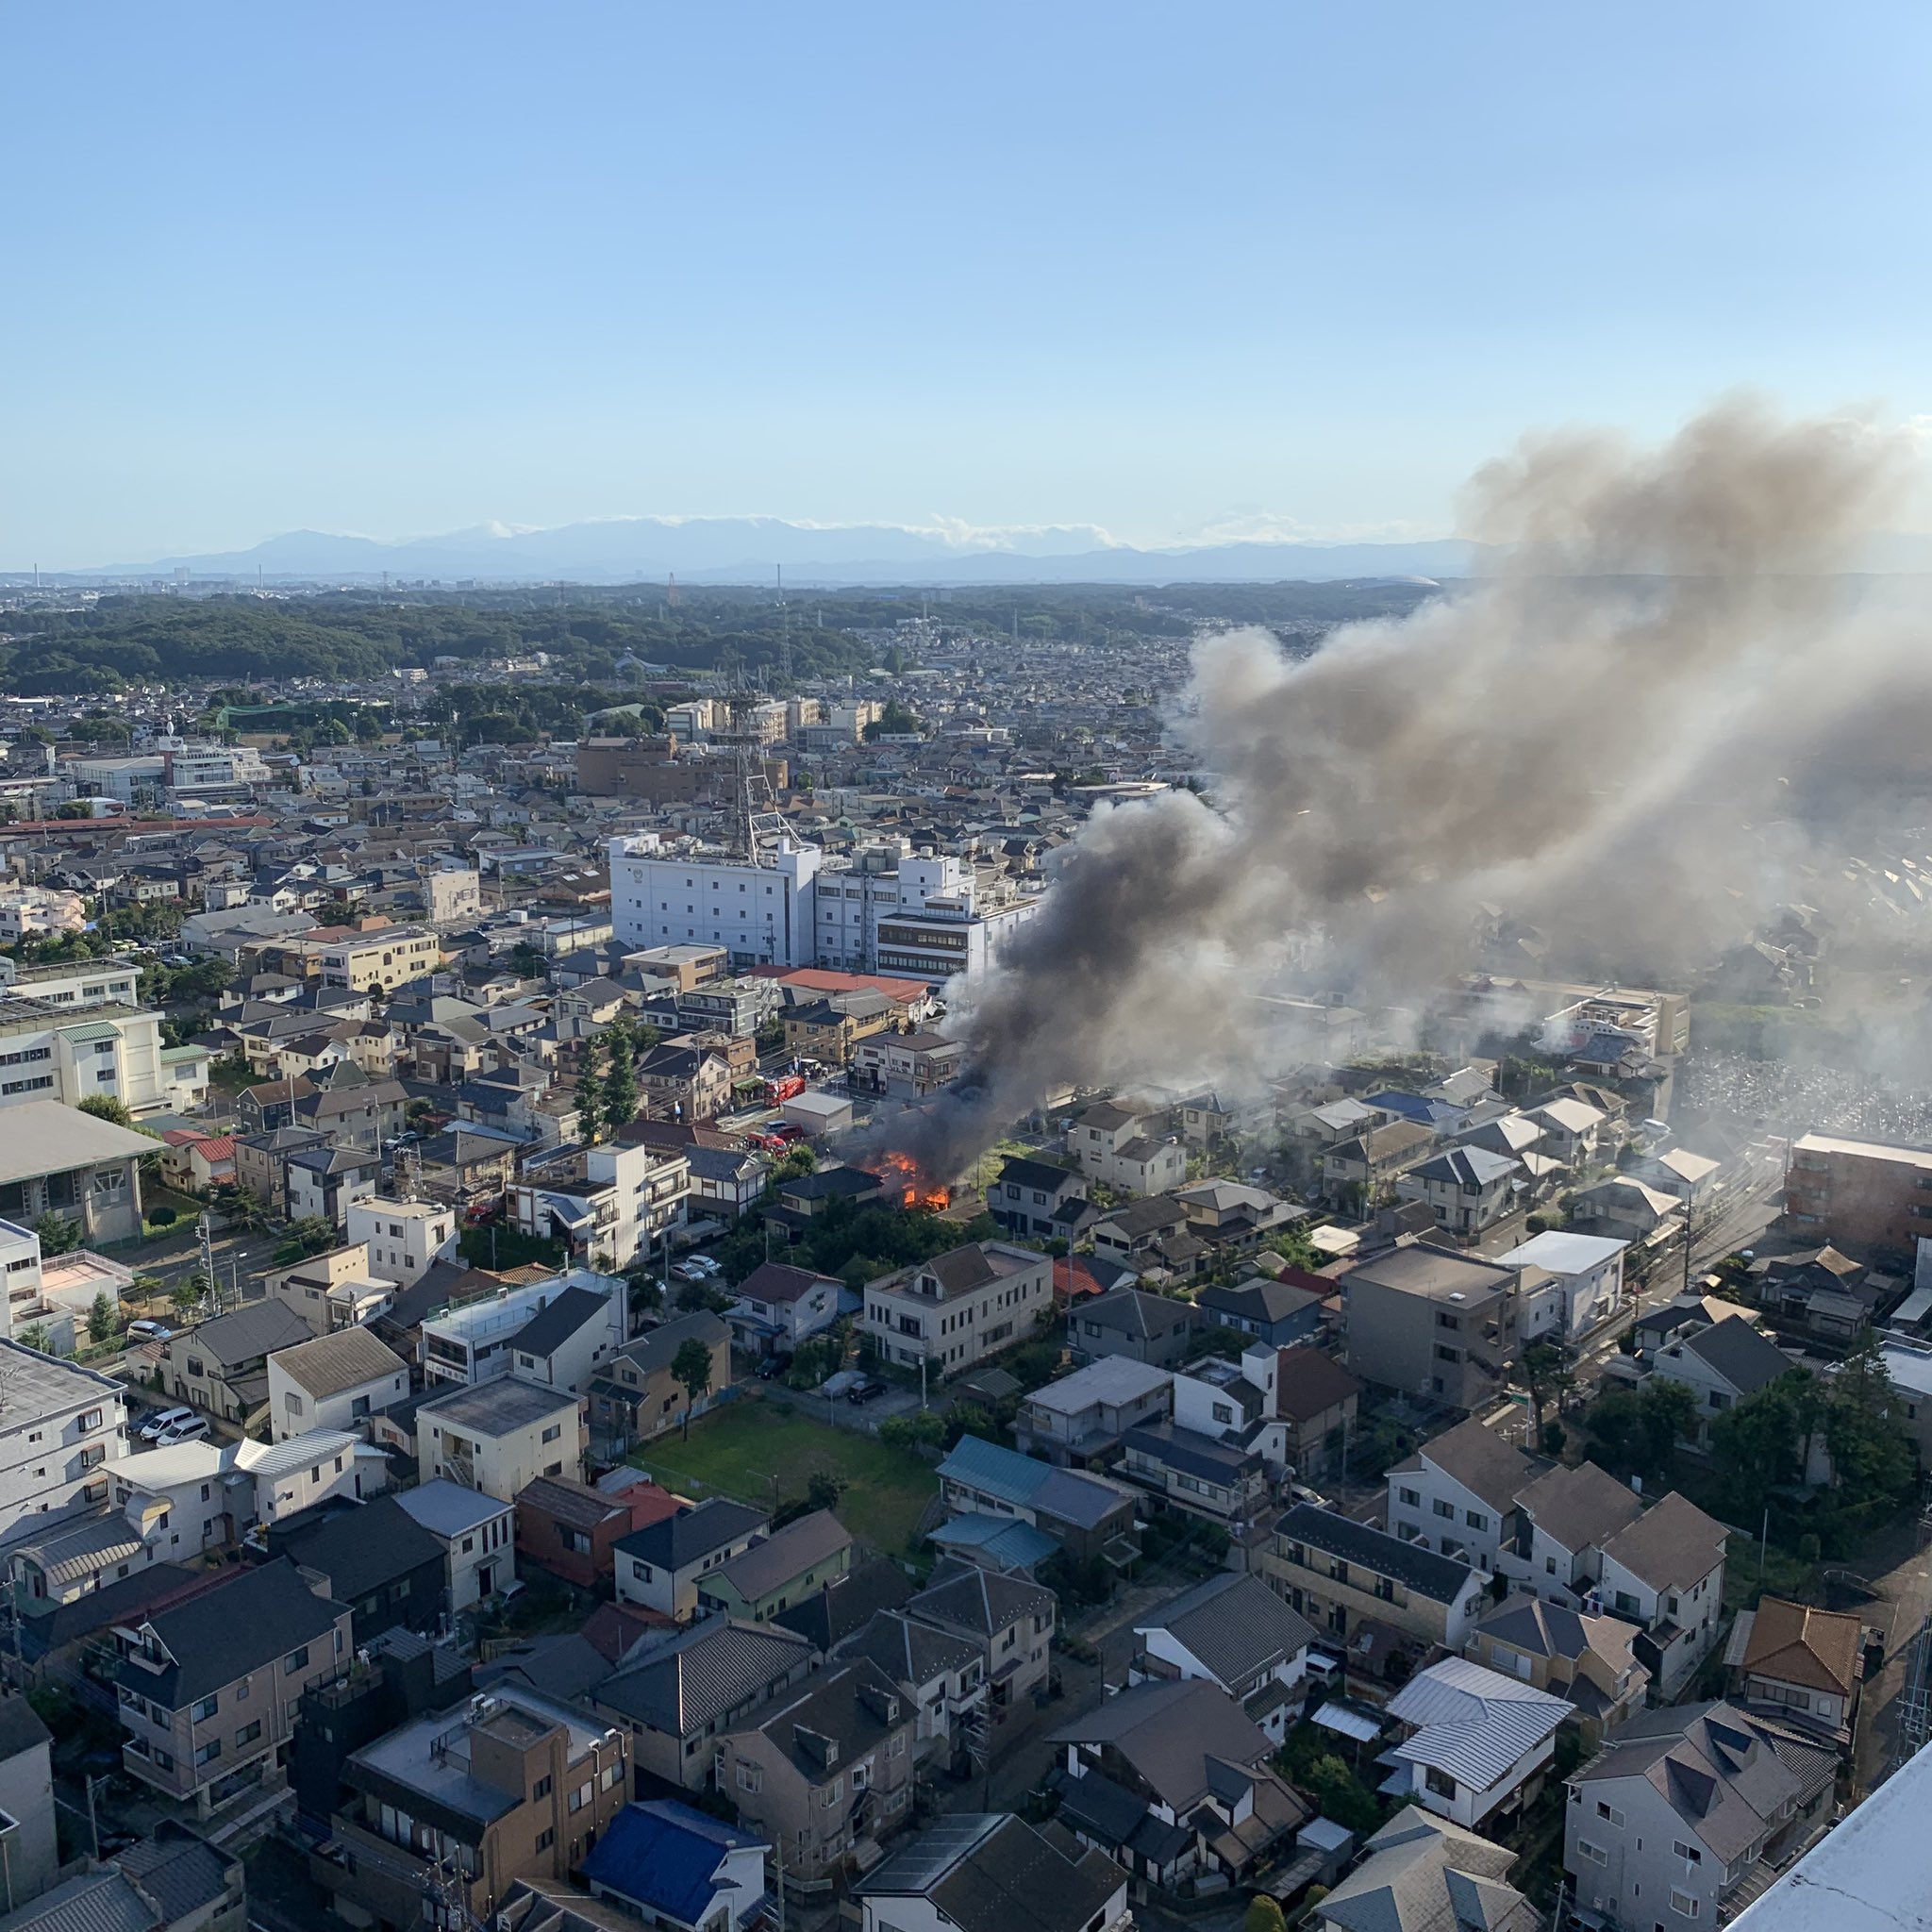 所沢市元町で火事が起きている画像